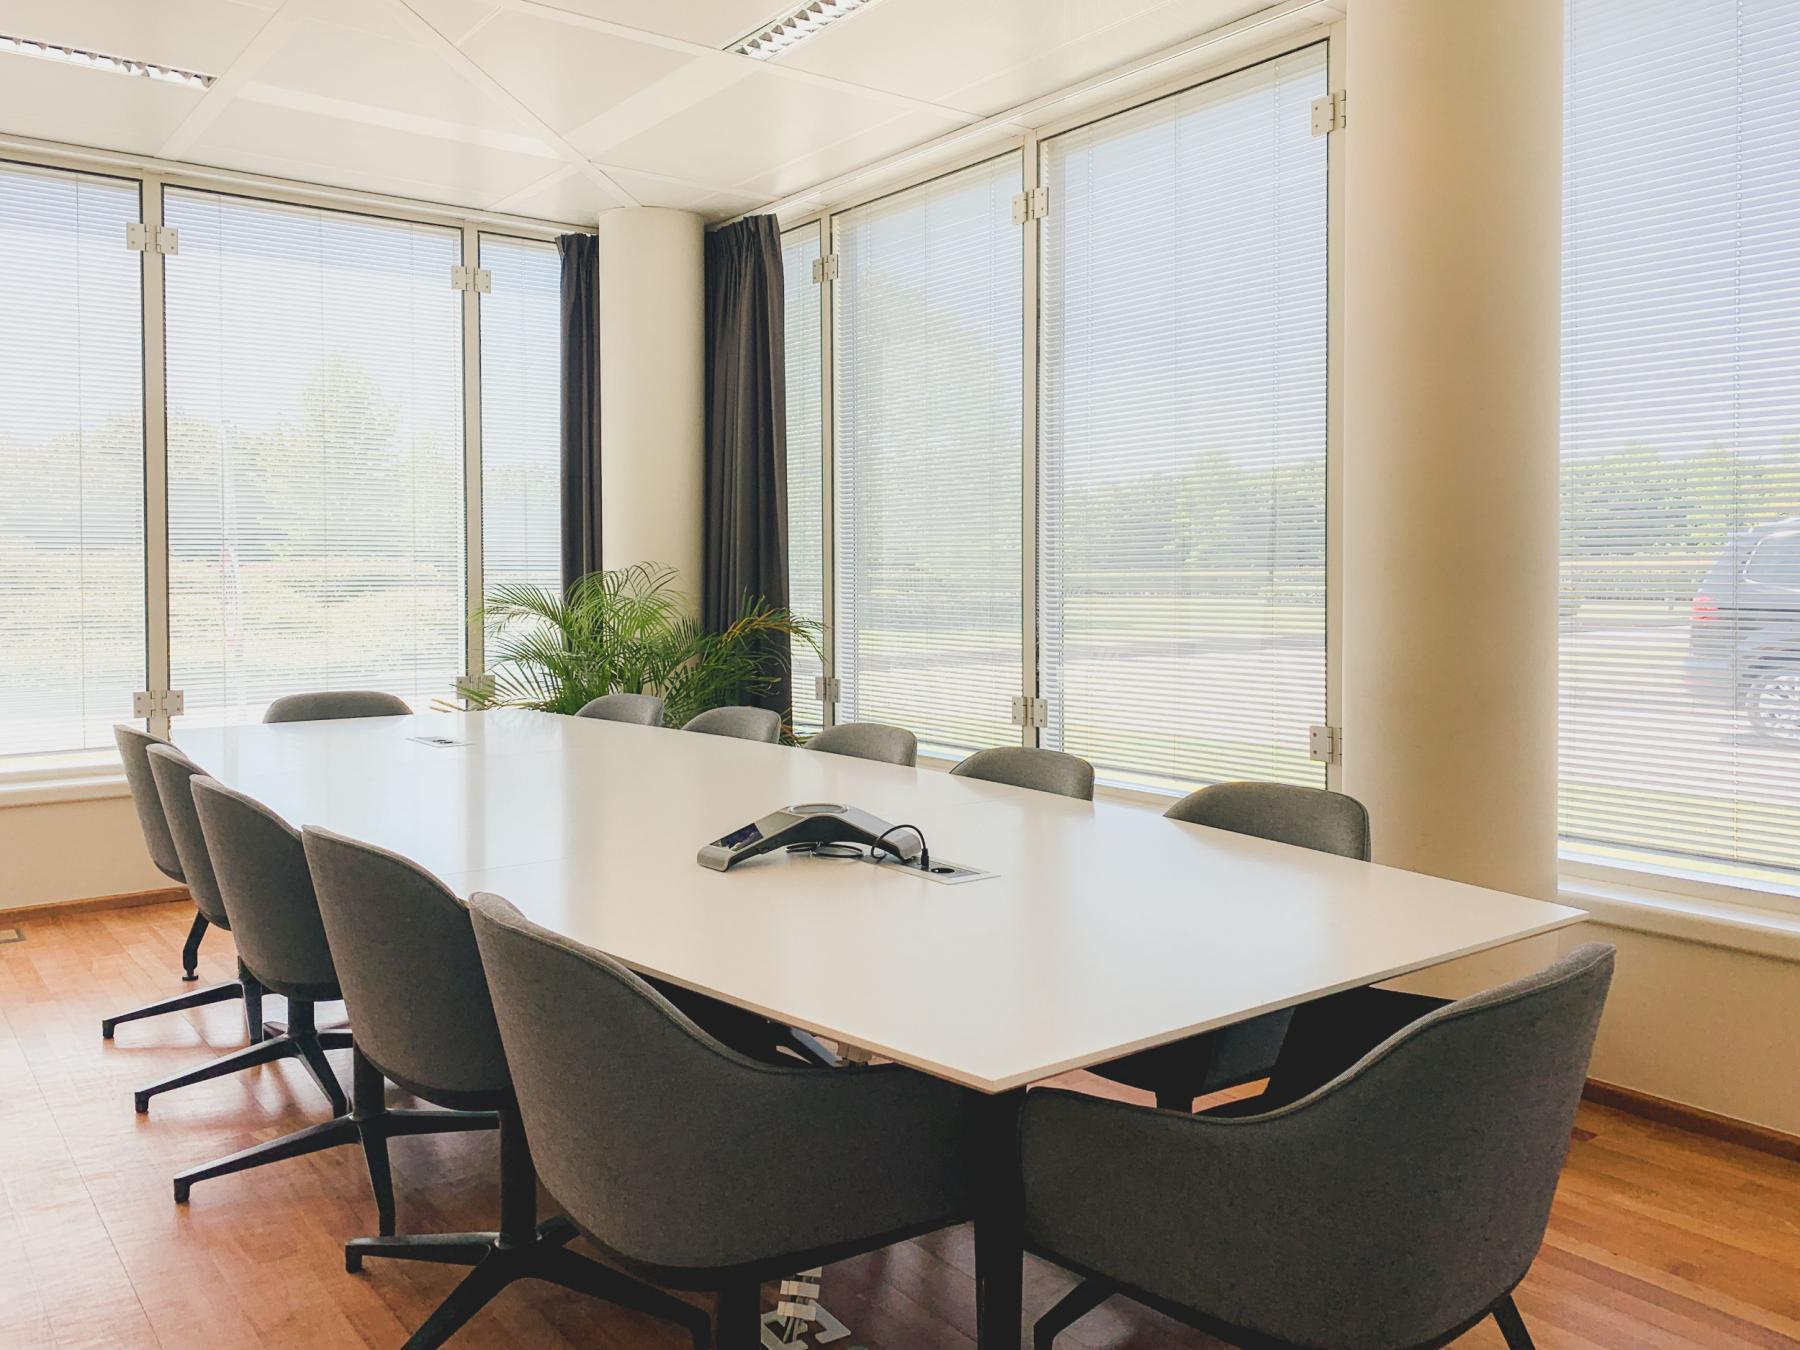 kantoorkamer huren businesscenter brussel airport kamer 2